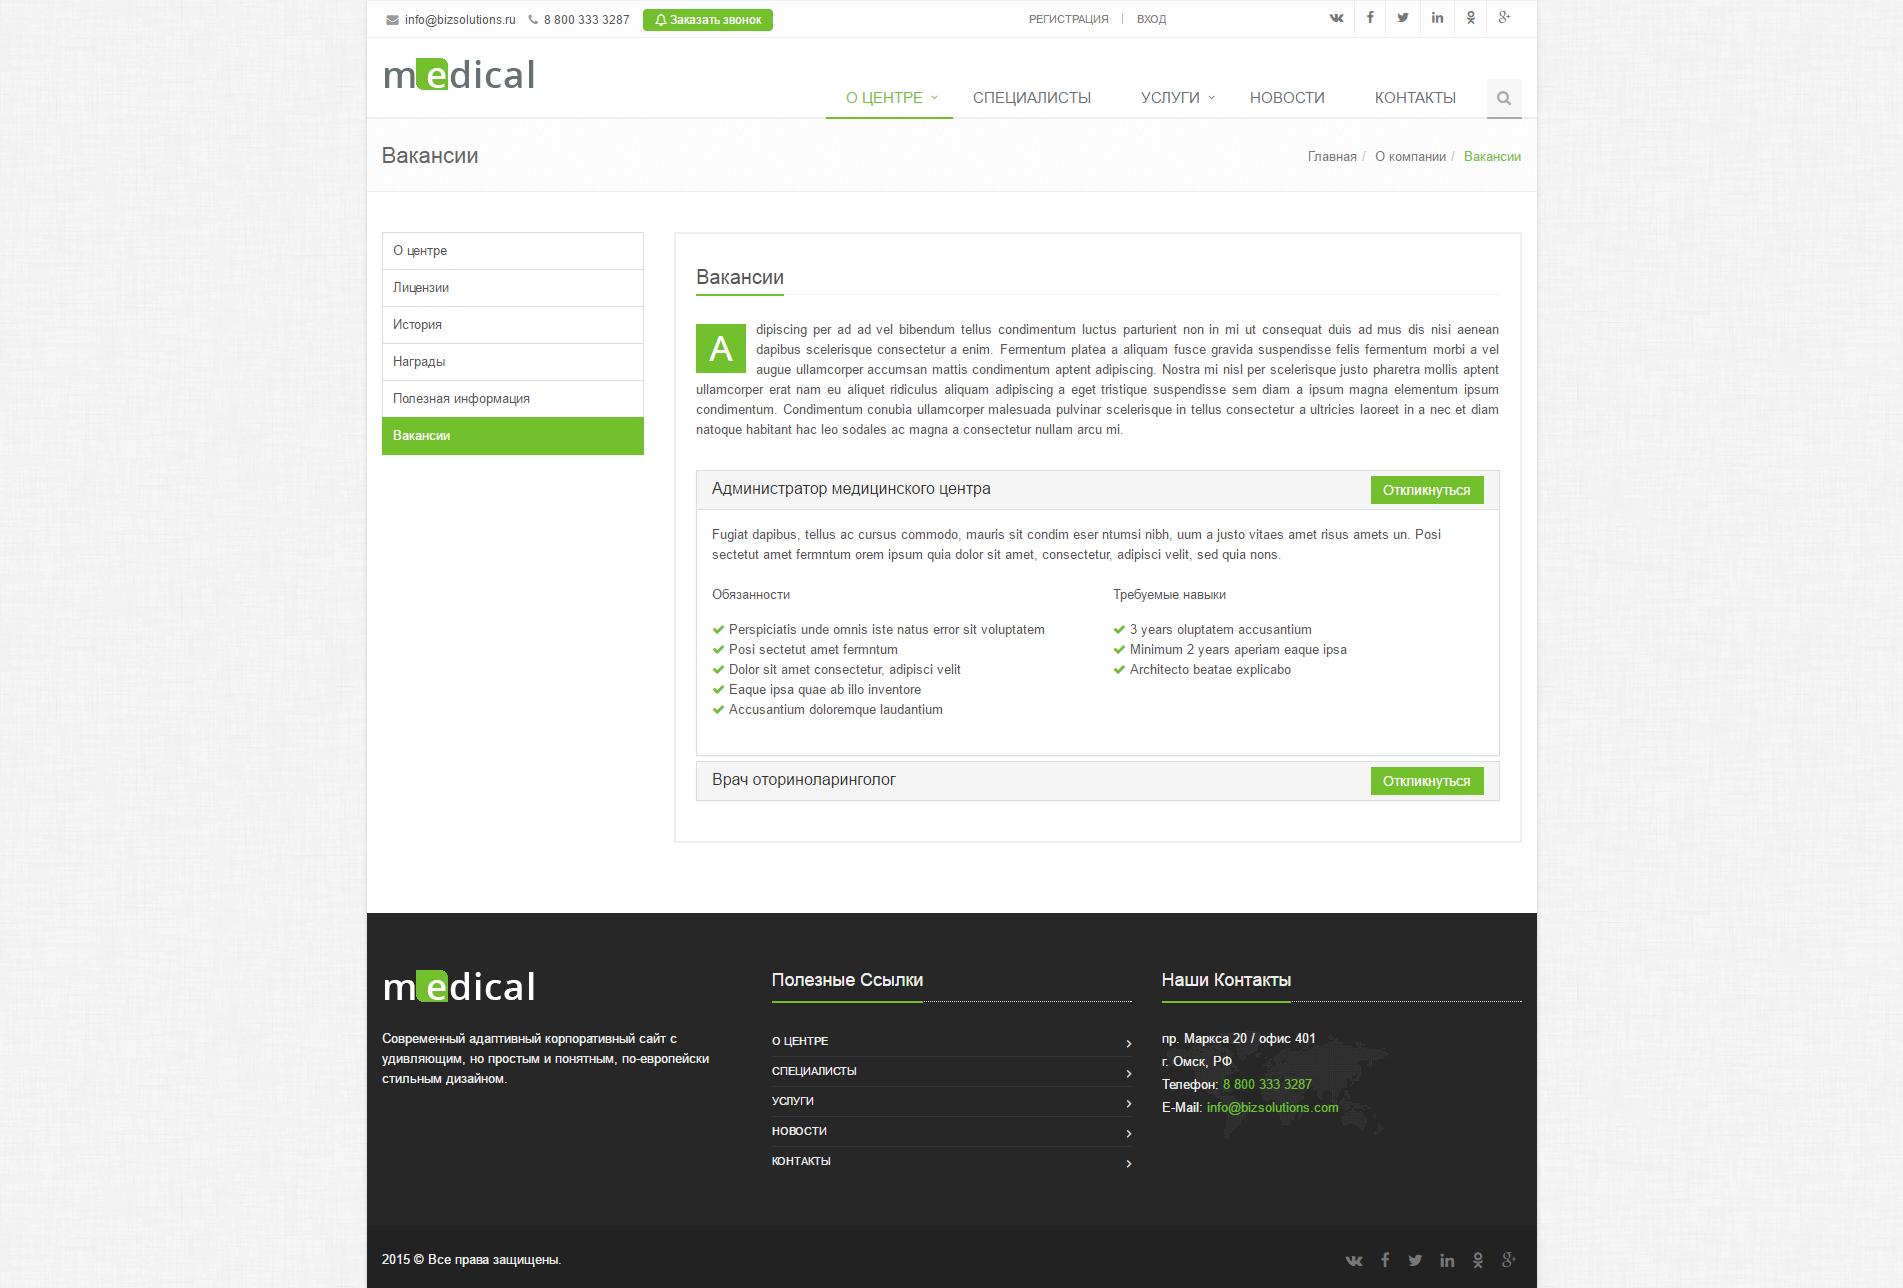 Медикал сайт компании нтк транспортная компания официальный сайт